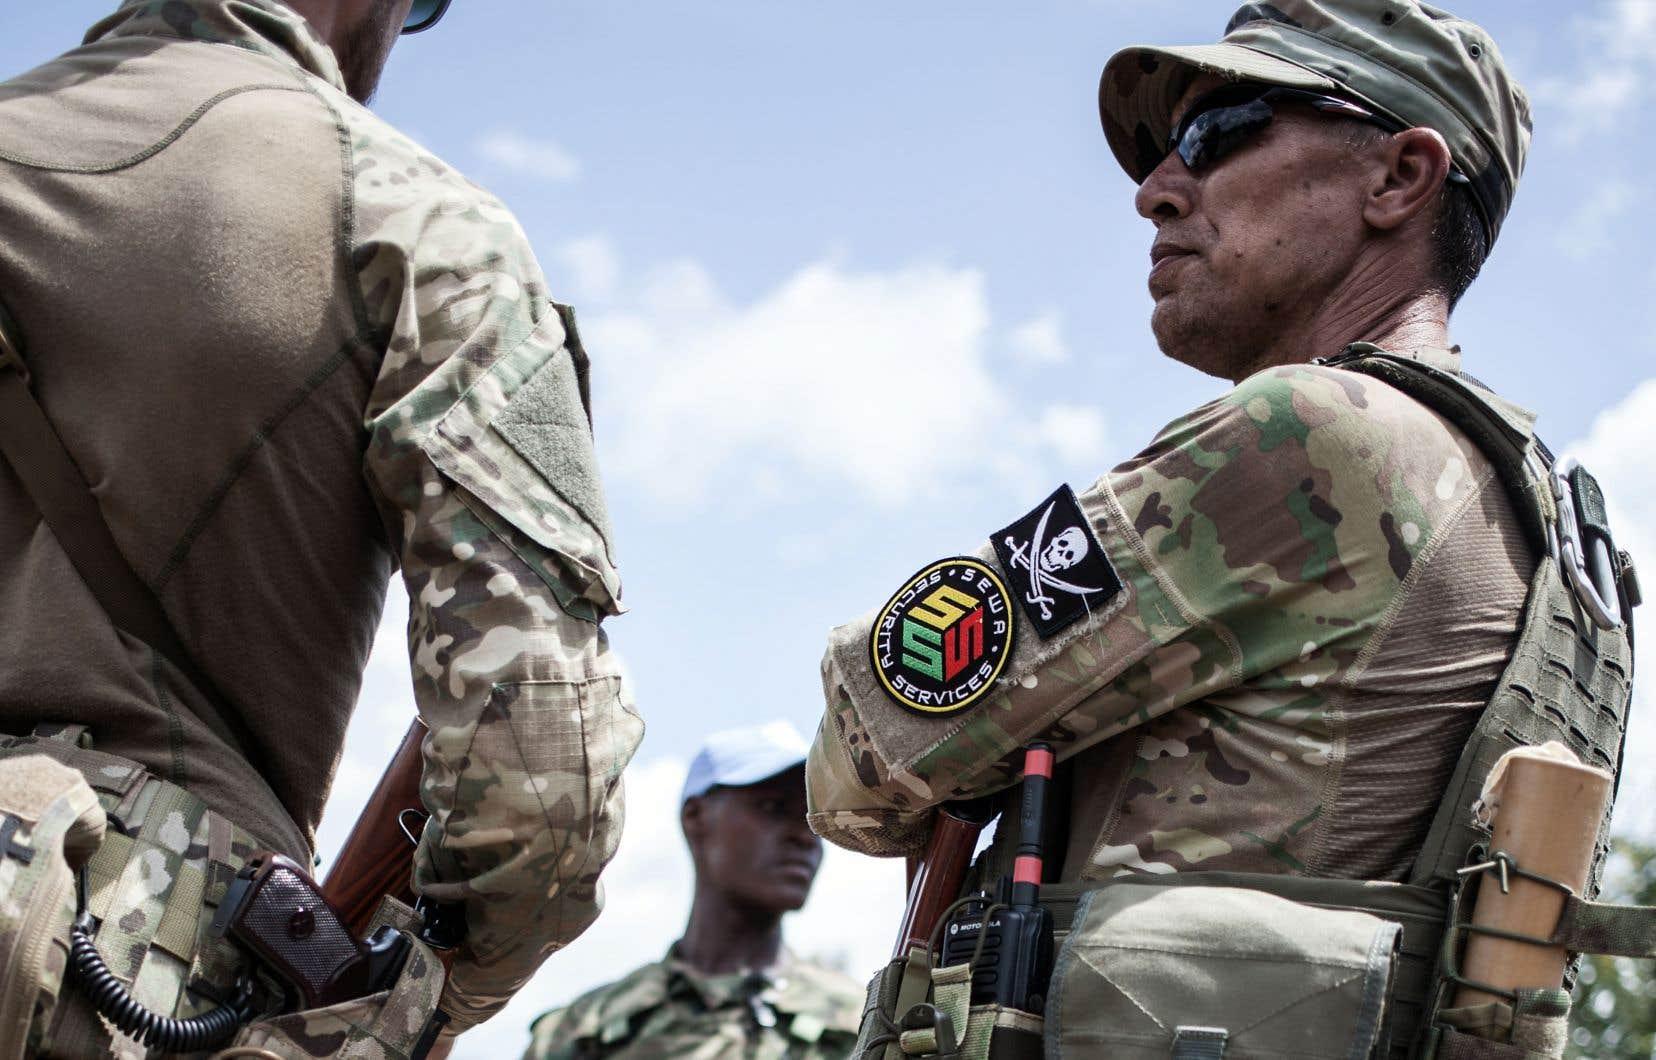 Une entreprise russe, Sewa sécurité, assurait la protection du président de la République de Centrafrique, Faustin-Archange Touadéra, à Berengole 4 août dernier.